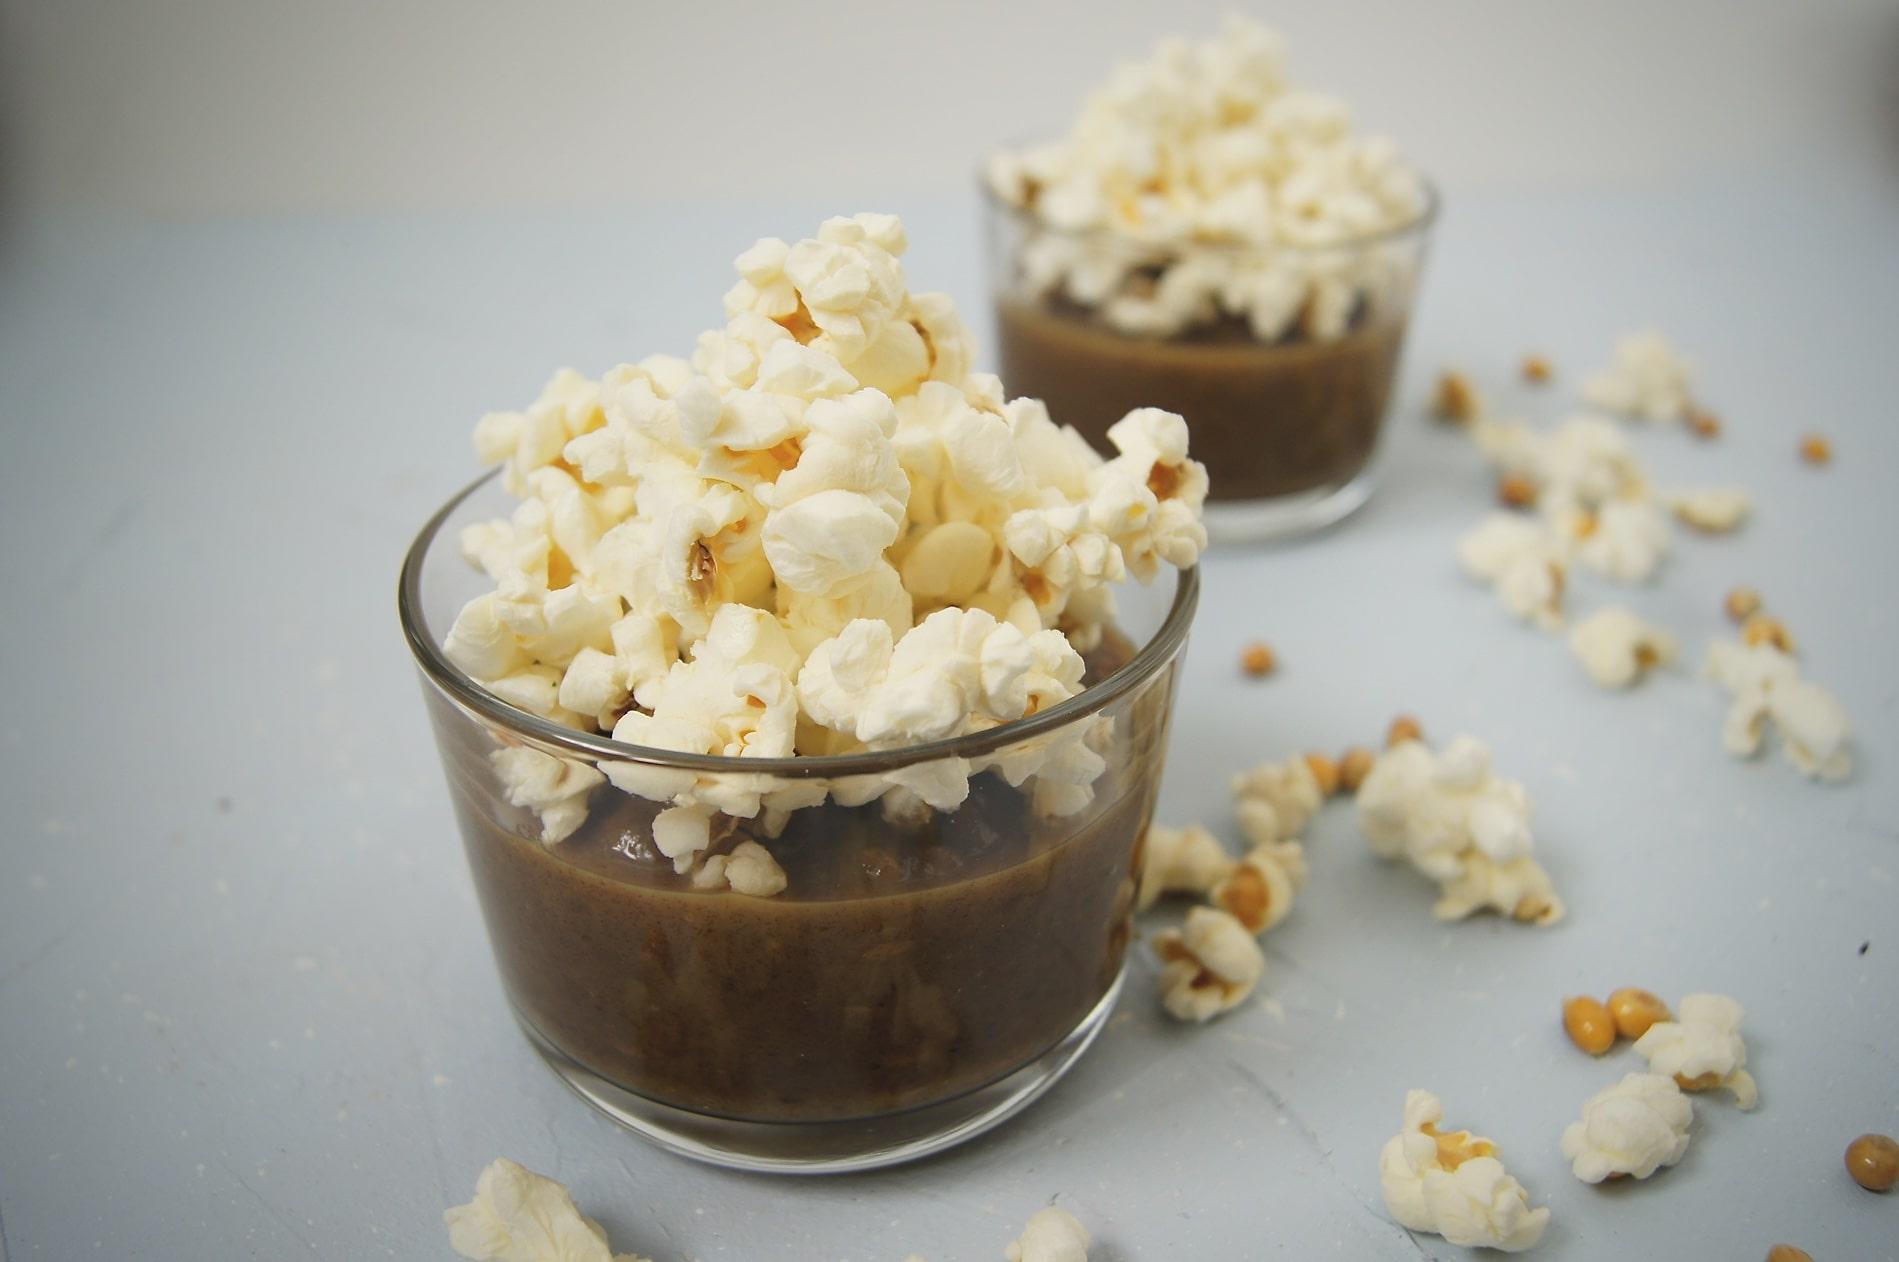 karmelowy-popcorn-fit-bez-cukru